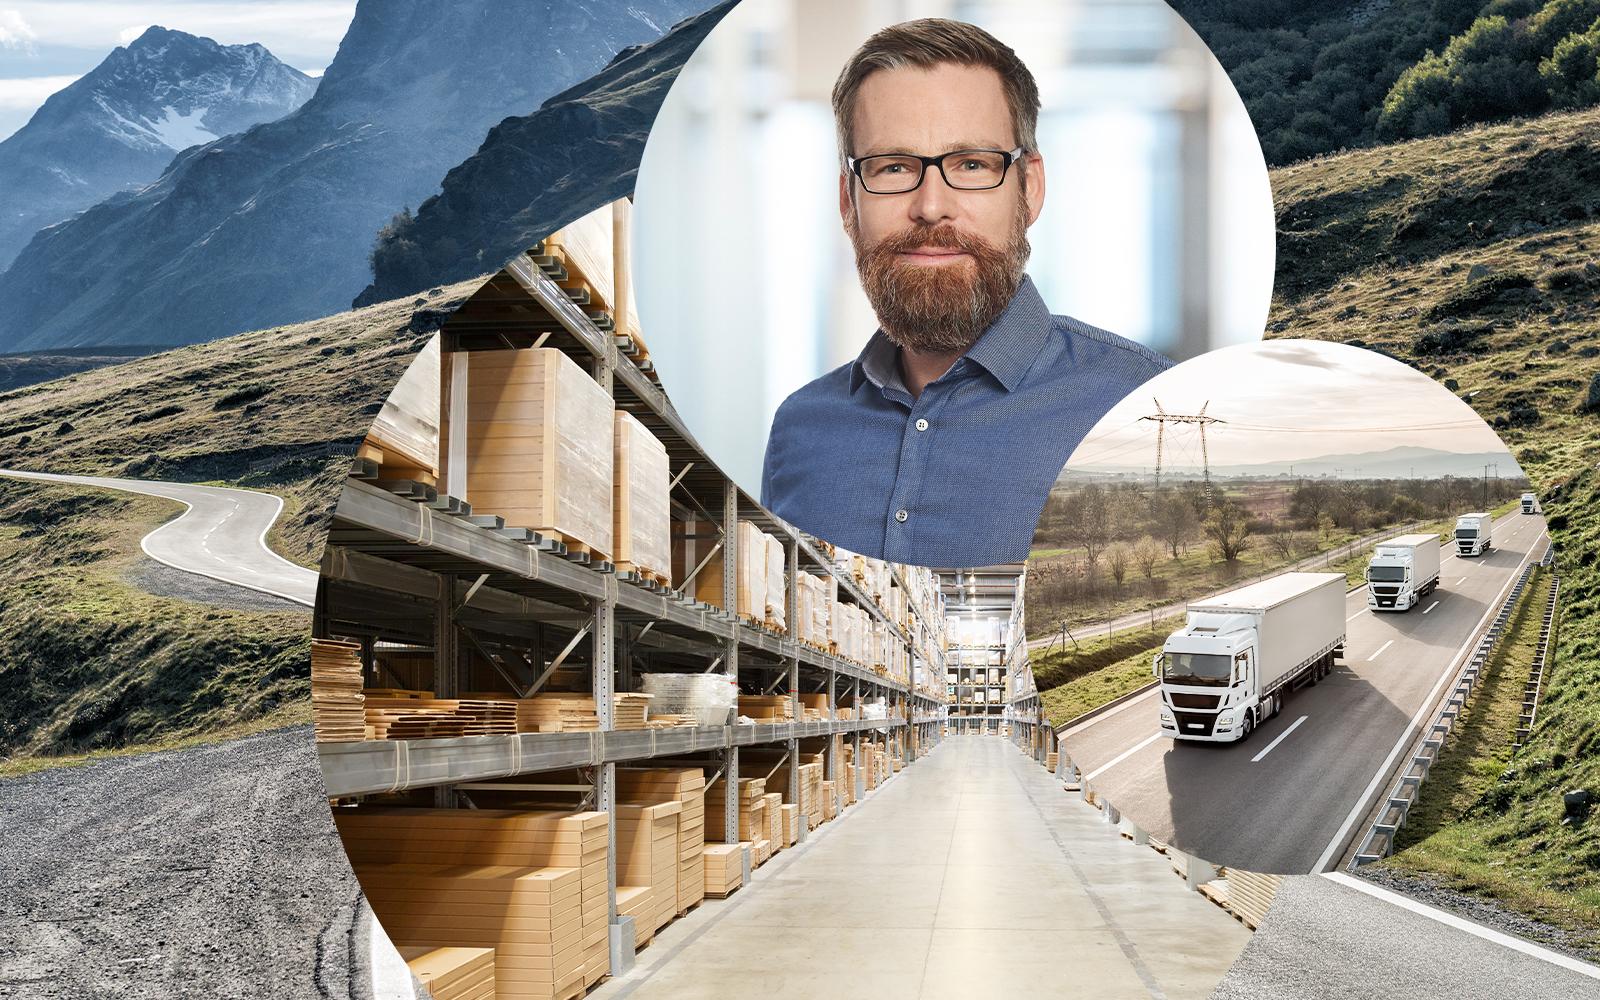 Bild von Markus Schedel, valantic Supply Chain Excellence, in zwei runden Bildausschnitten daneben ein LKW sowie eine Lagerhalle, Lieferketten optimieren mit dem Connected Chain Manager von valantic